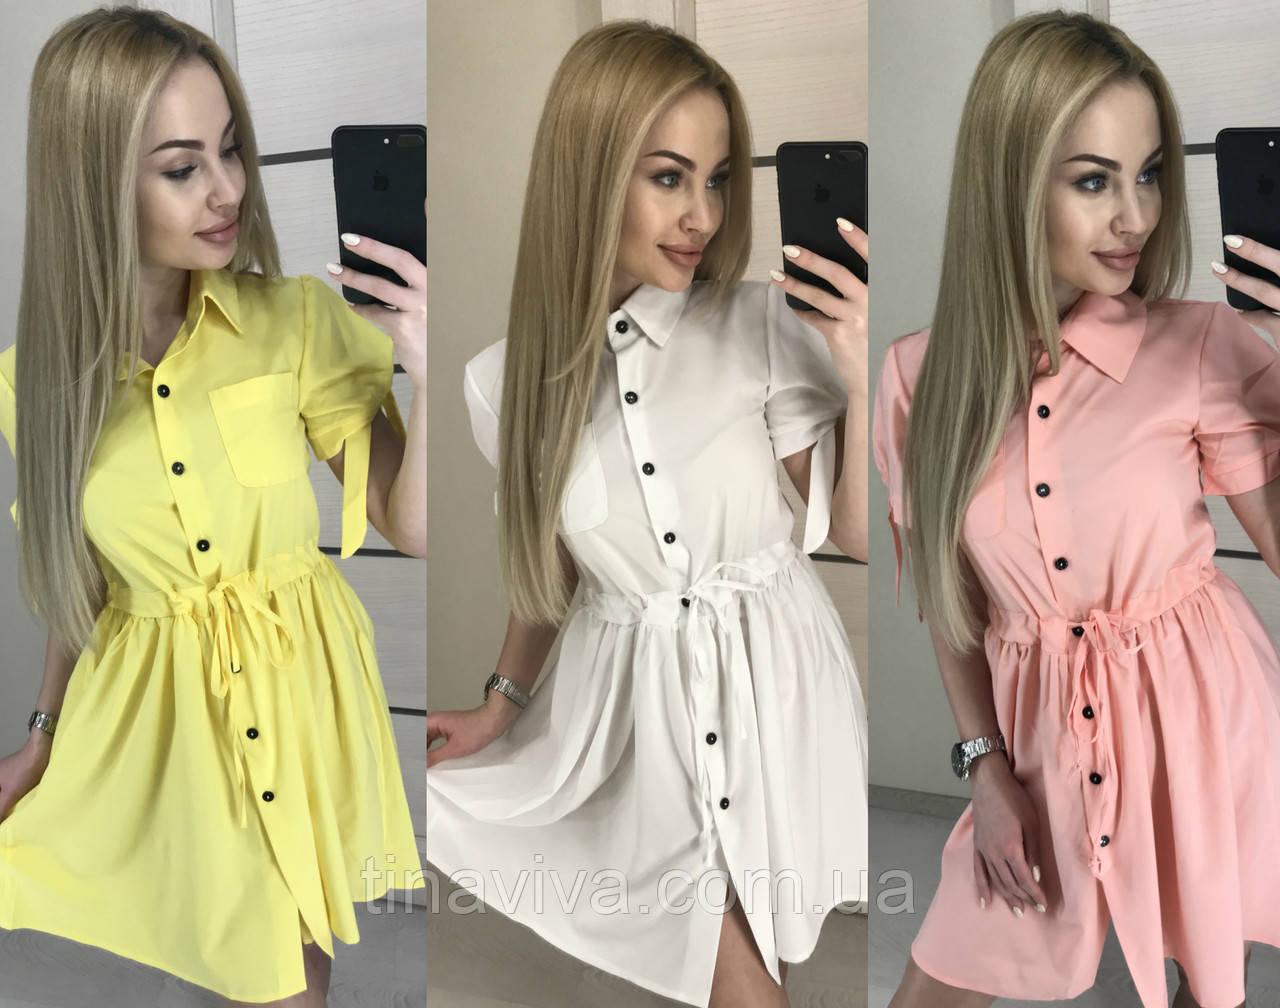 """женское летнее платье рубашка (жіноча сукня ) """"Одесса"""" 5 цветов"""